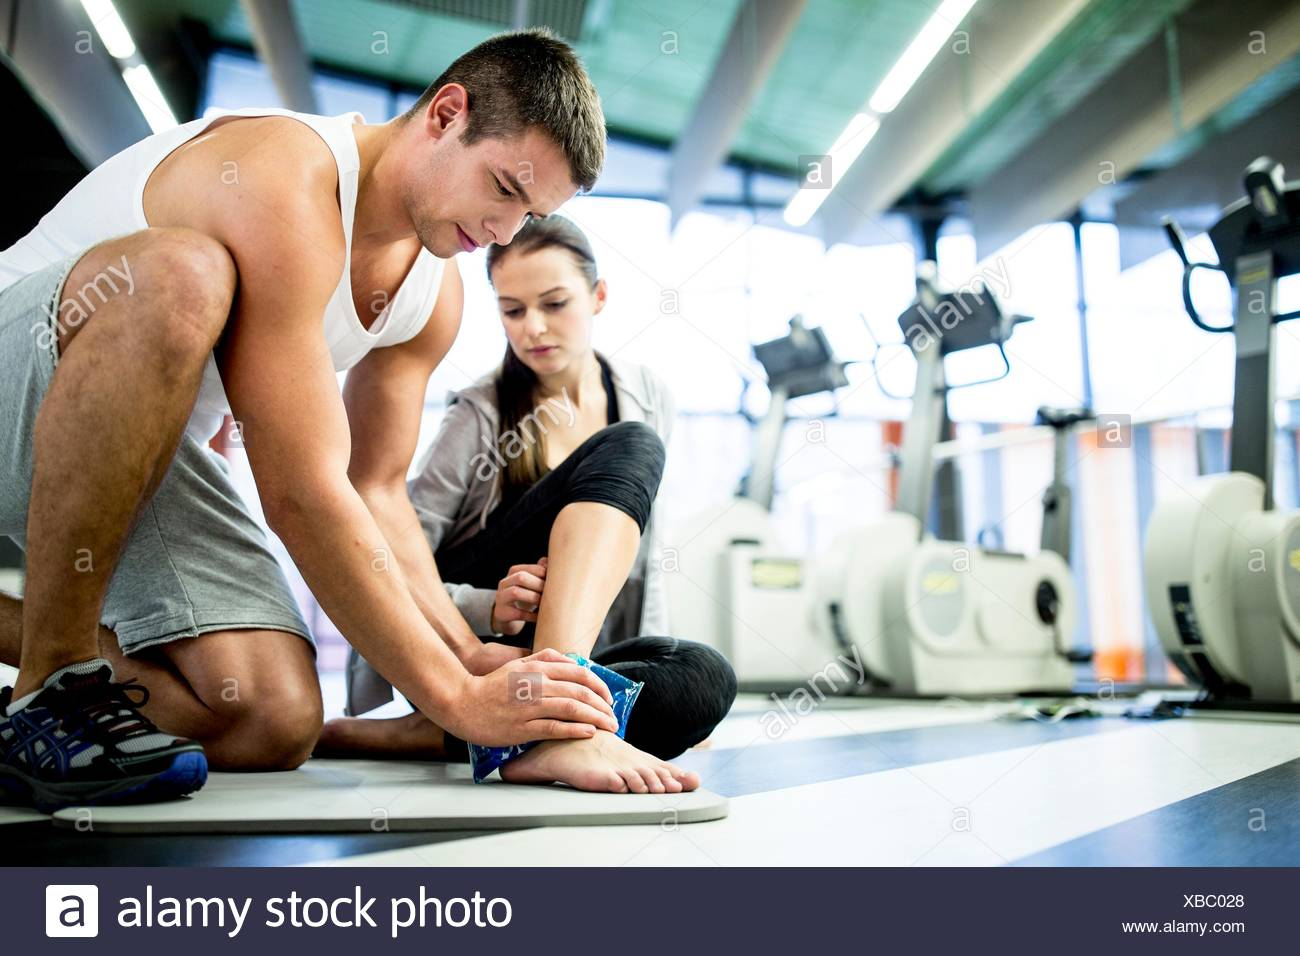 Proprietà rilasciato. Modello rilasciato. Giovane uomo applicazione del ghiaccio pack sul giovane donna di caviglia in palestra. Immagini Stock